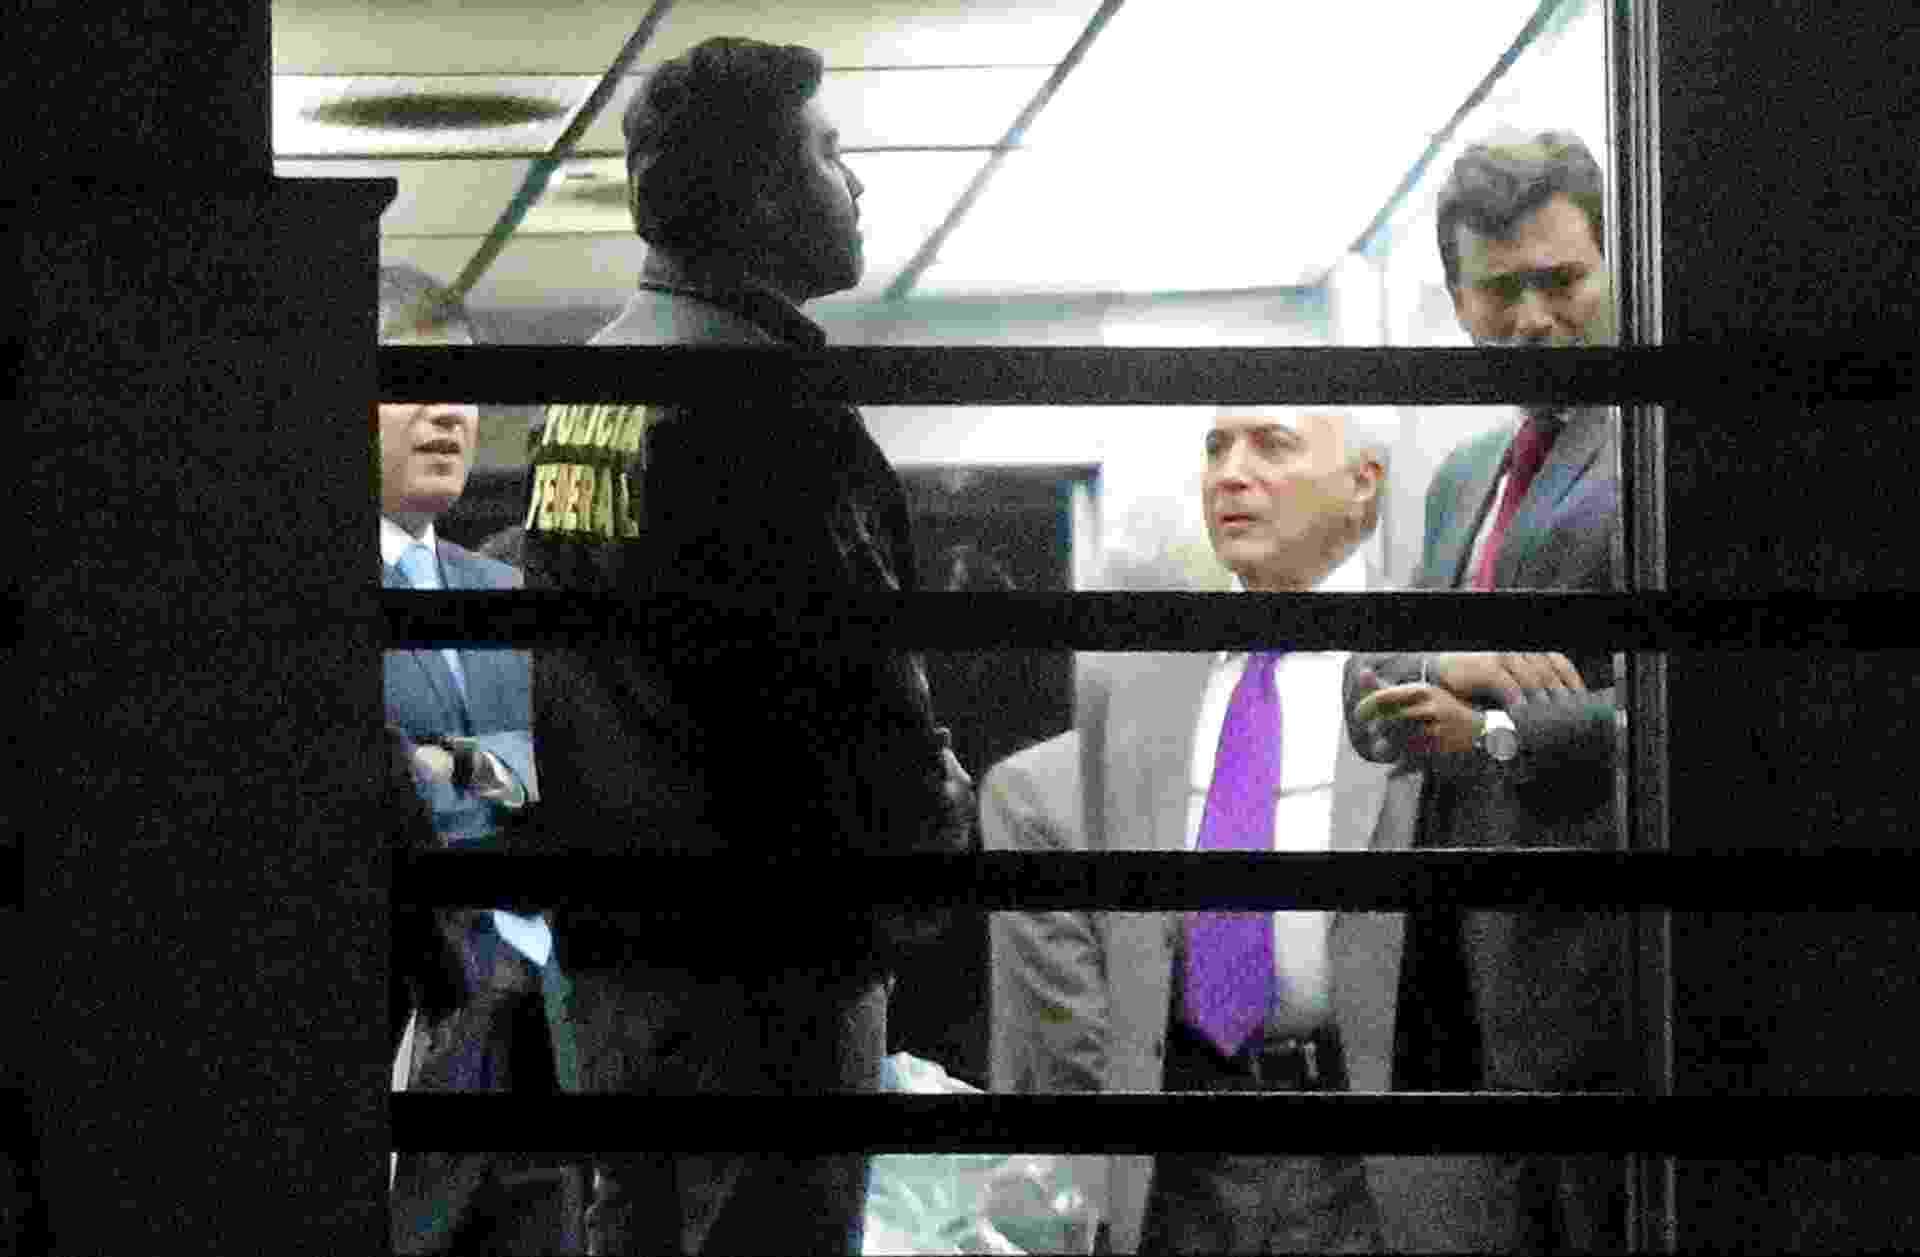 25.mar.2019 - Ex-presidente Michel Temer (MDB) espera dentro da Superintendência da PF (Polícia Federal) no centro do Rio de Janeiro para ser liberado após quatro dias de prisão - FÁBIO MOTTA/ESTADÃO CONTEÚDO